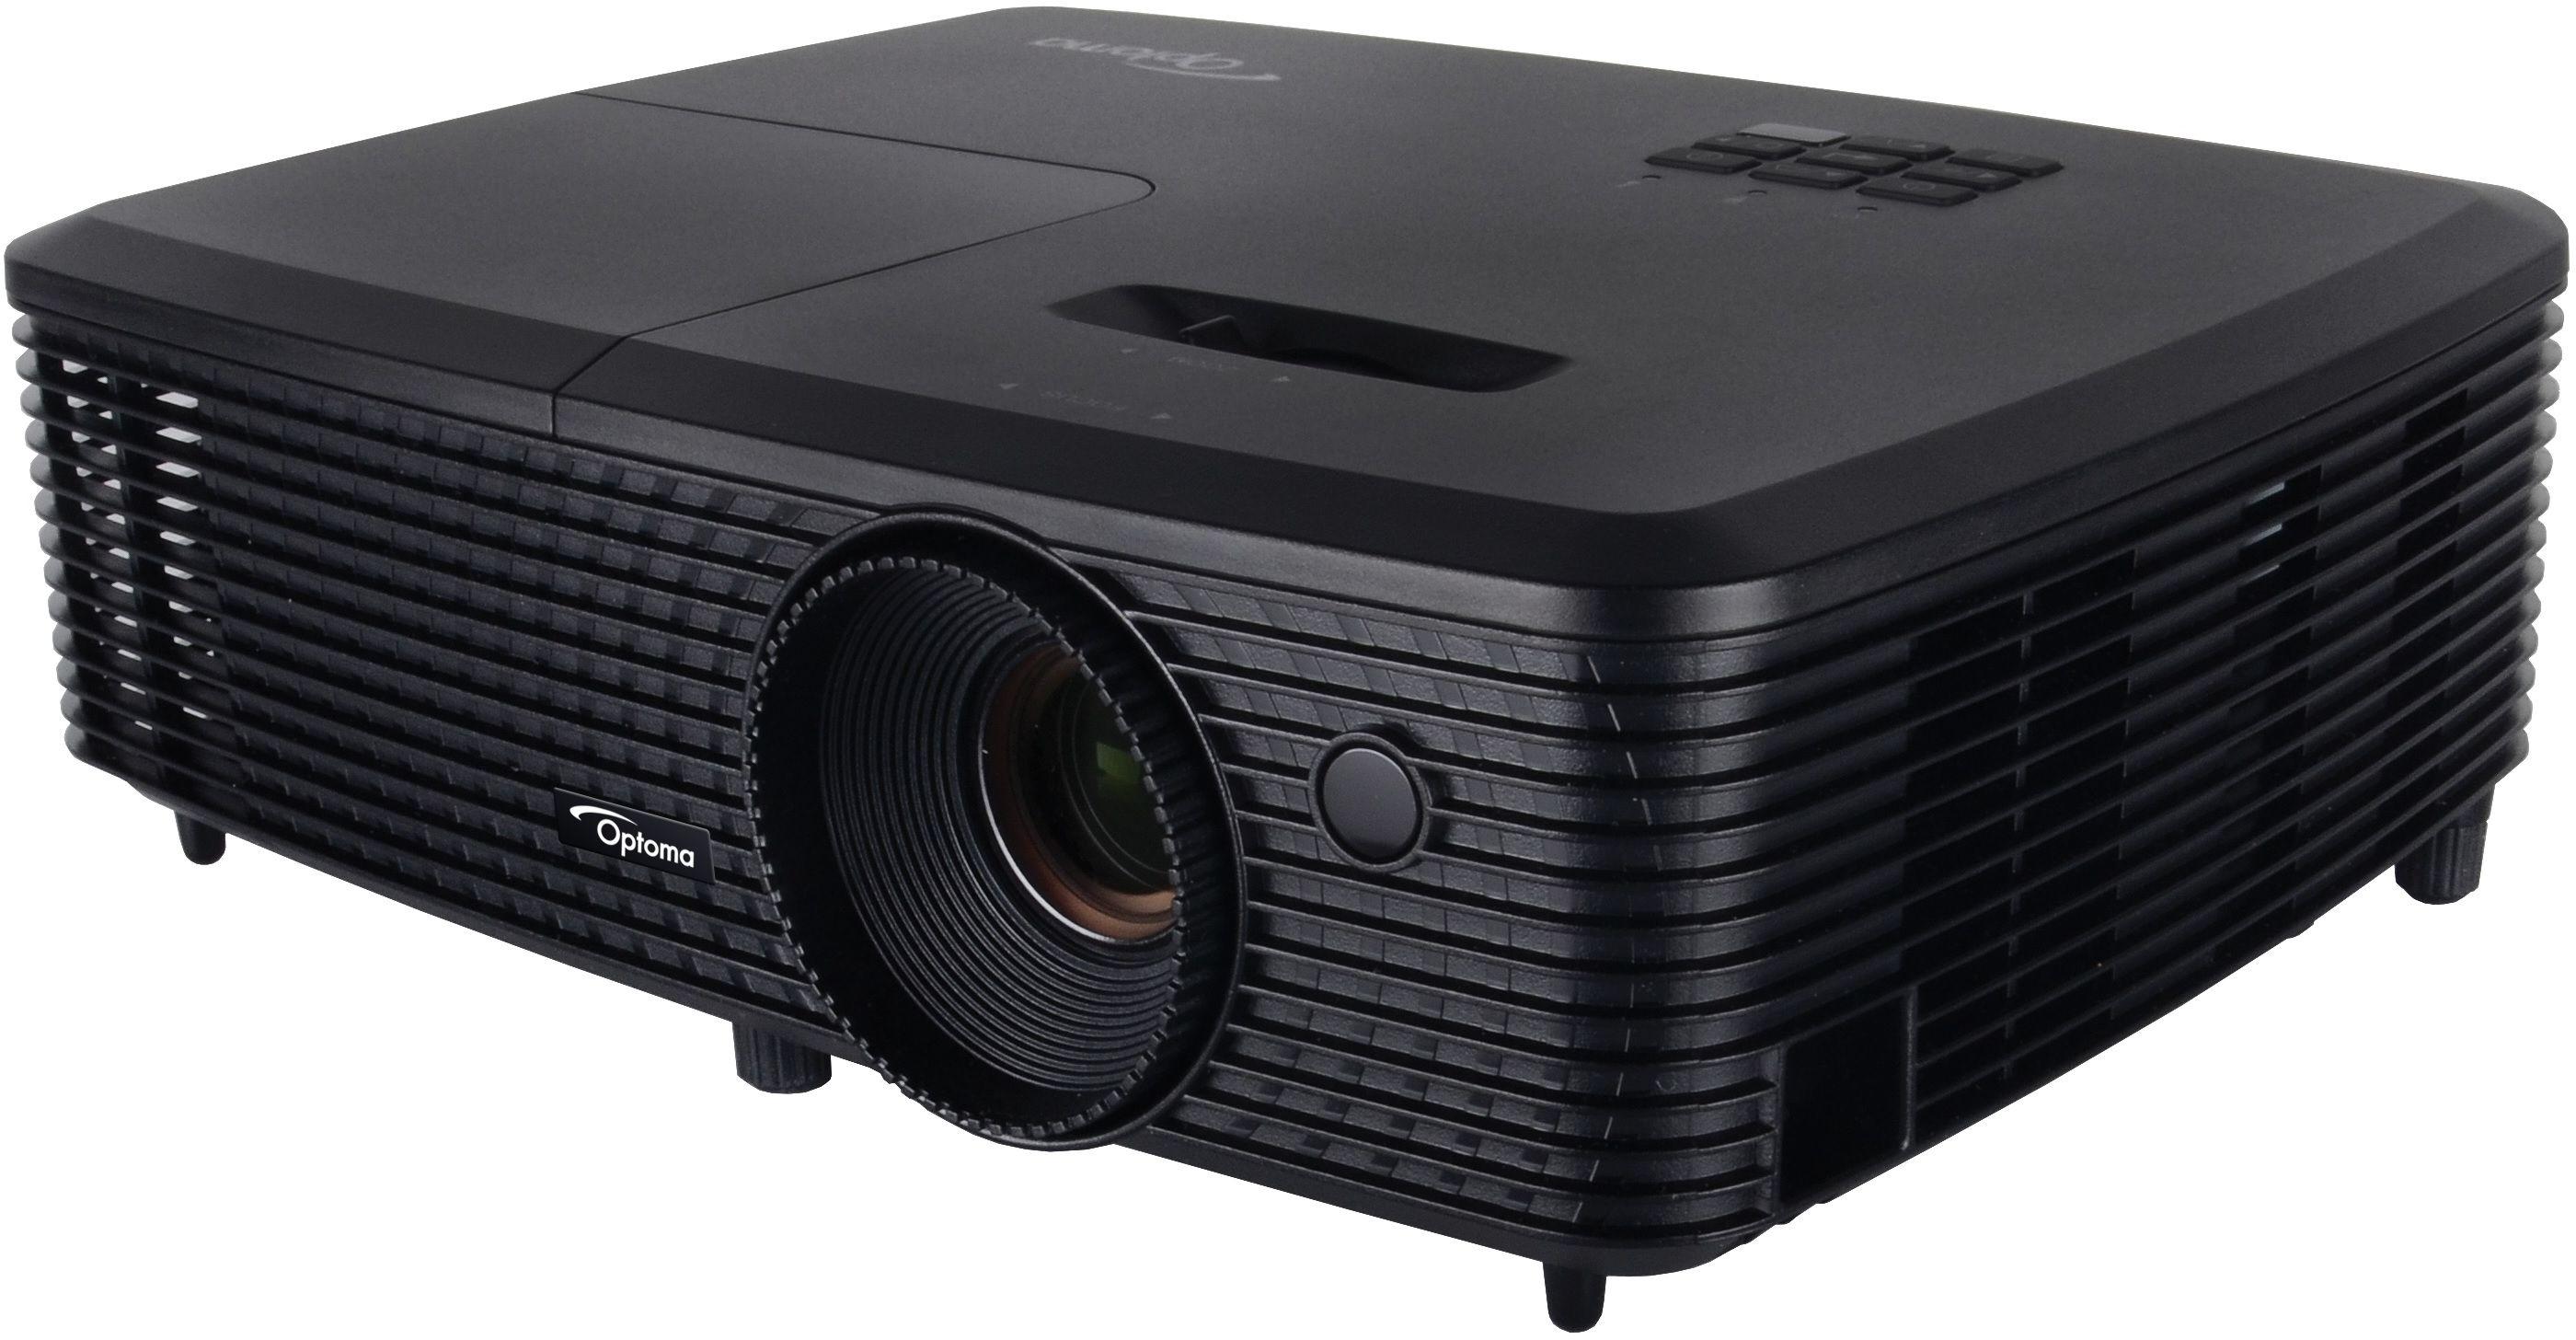 Projektor Optoma EH330 - Projektor archiwalny - dobierzemy najlepszy zamiennik: 71 784 97 60